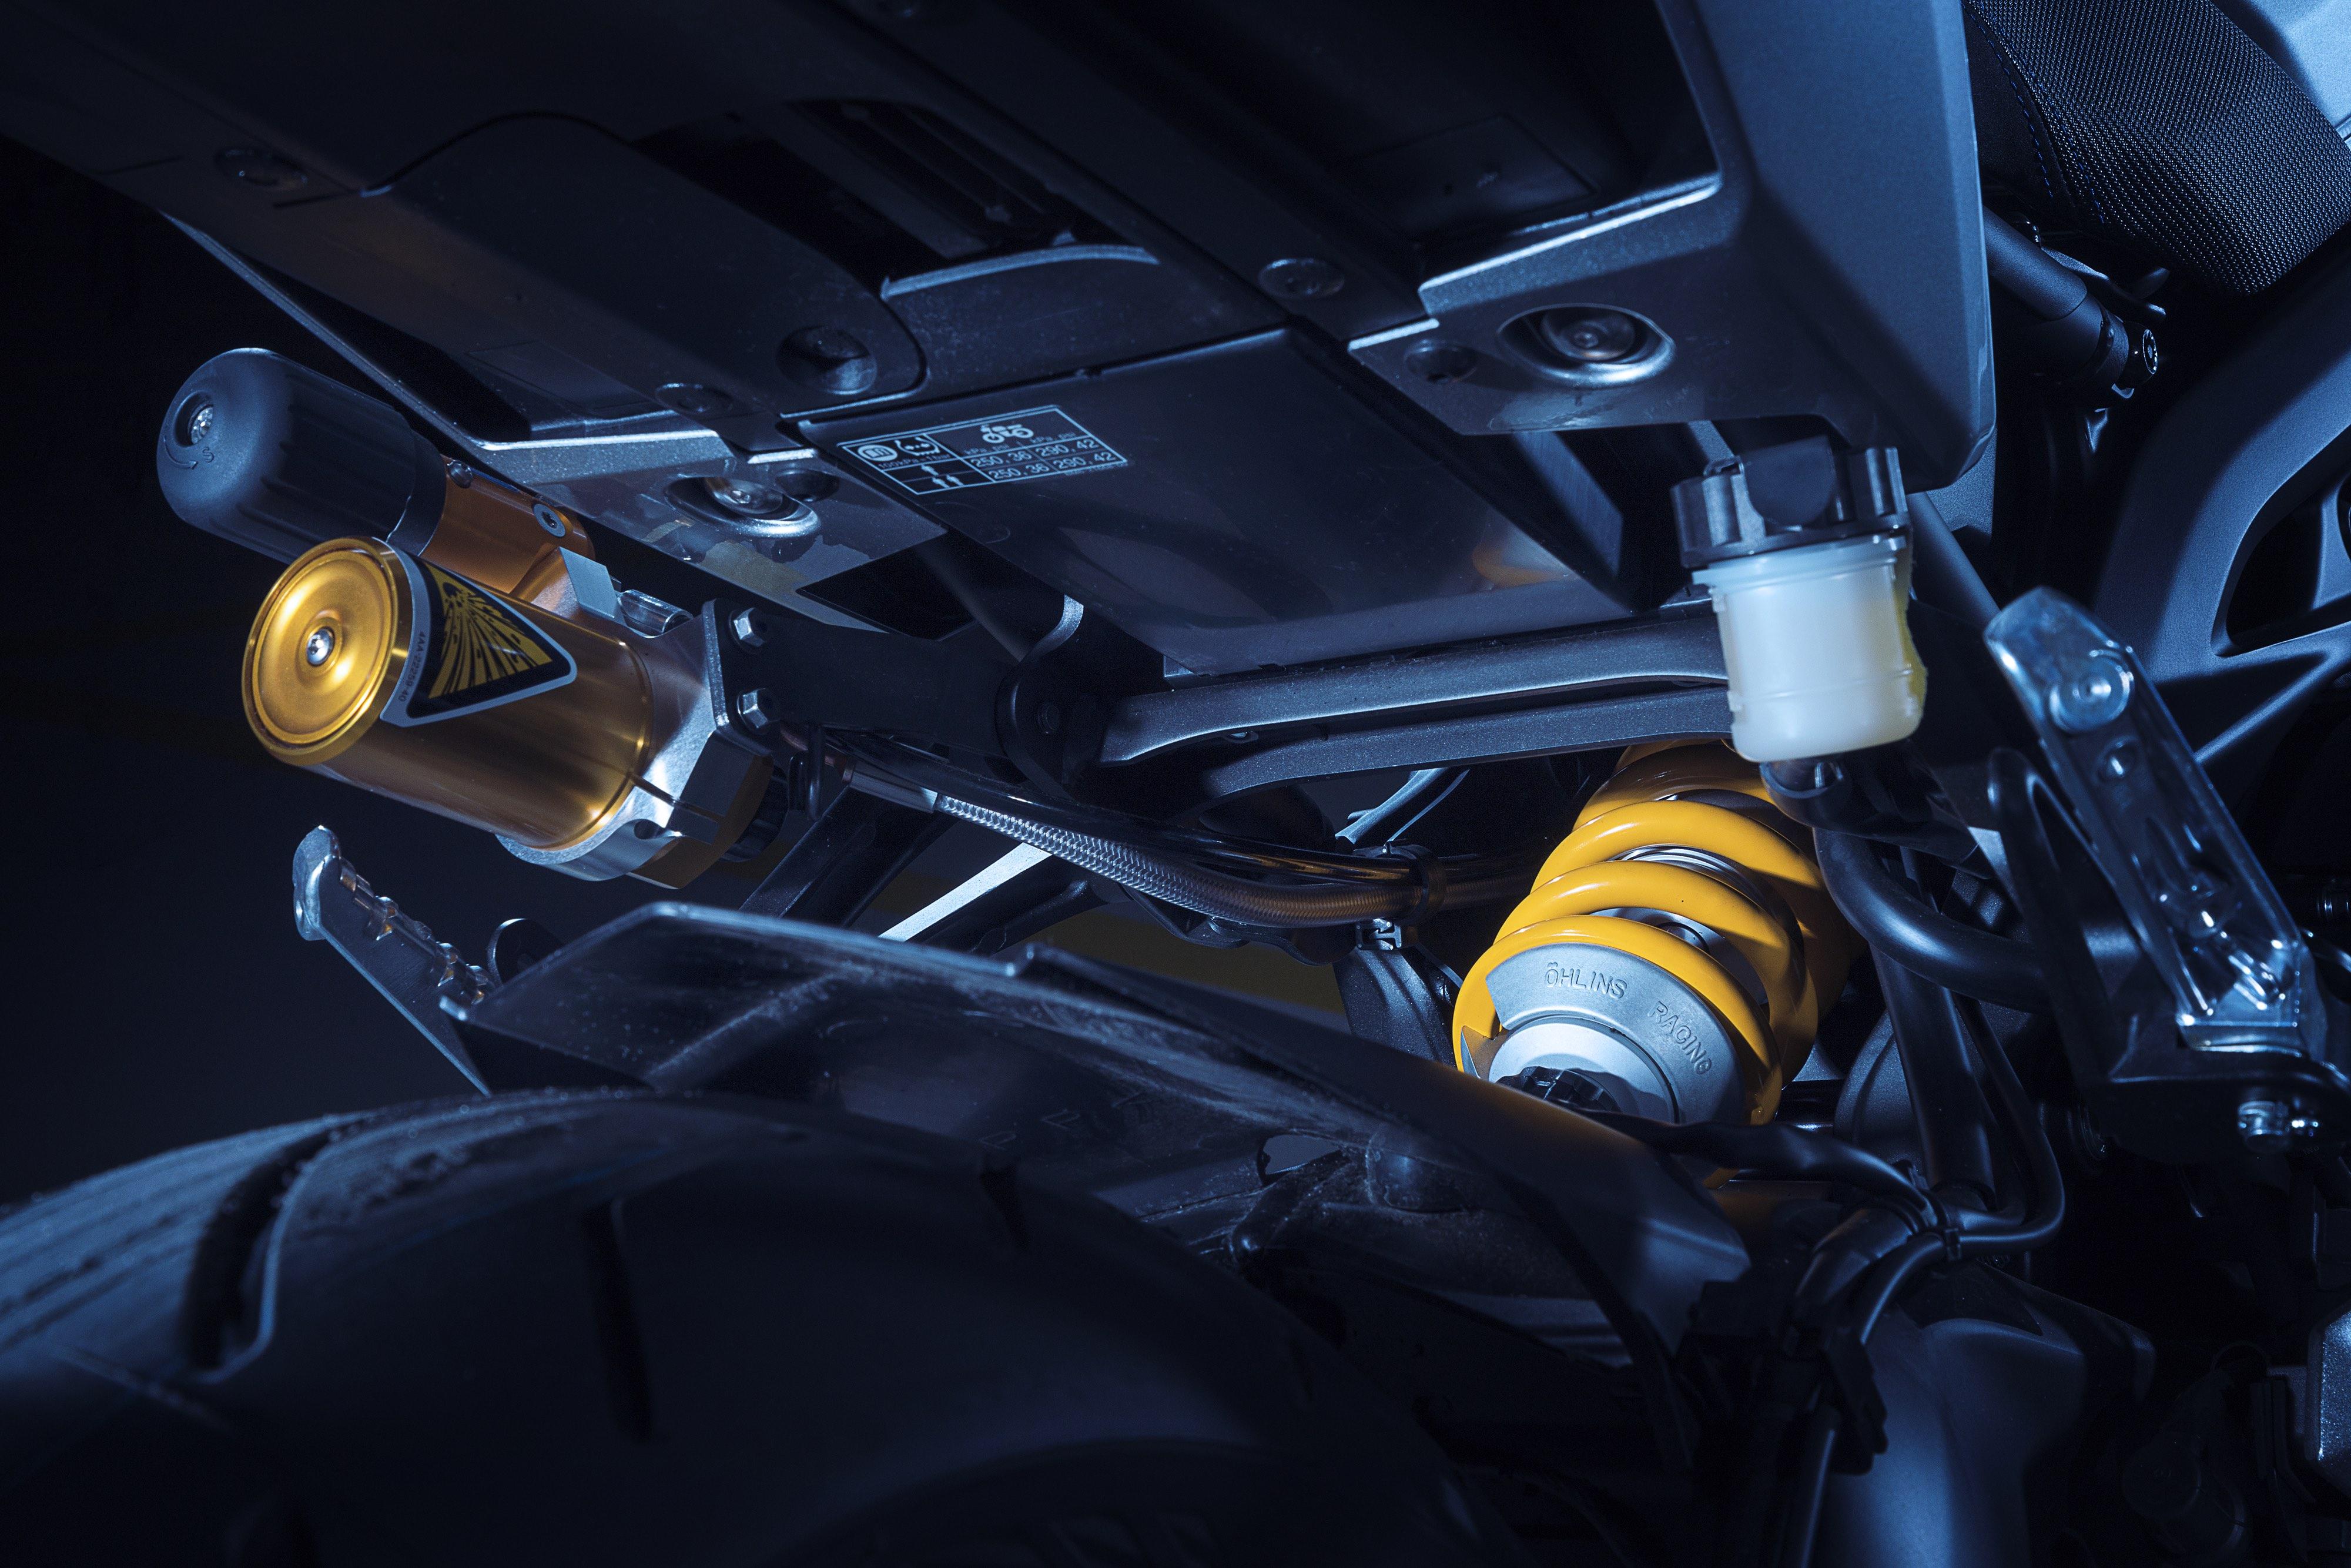 Yamaha reveals MT-09 SP at EICMA